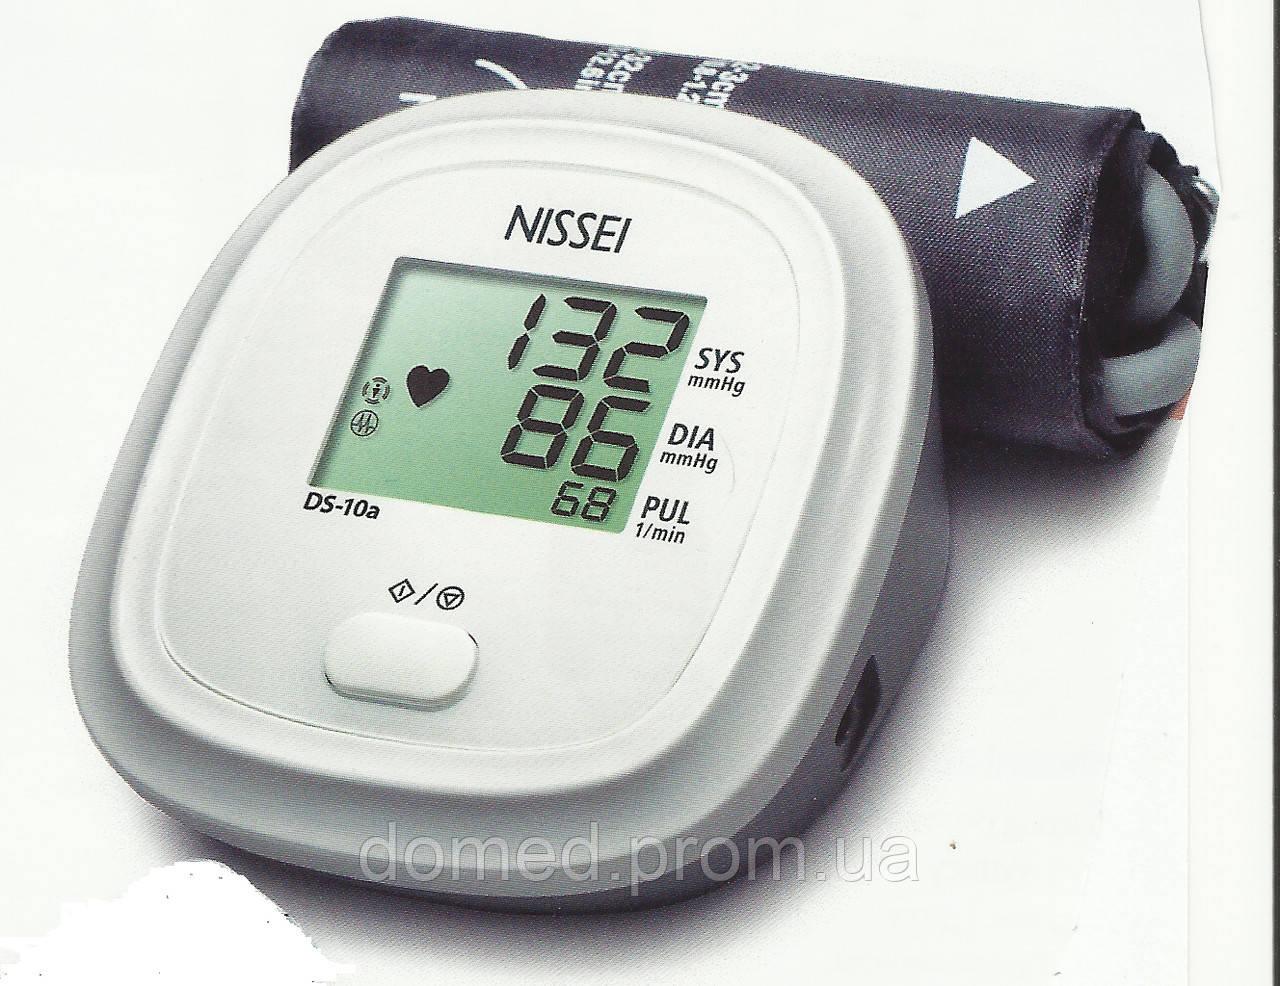 Автоматический тонометр NISSEI DS-10